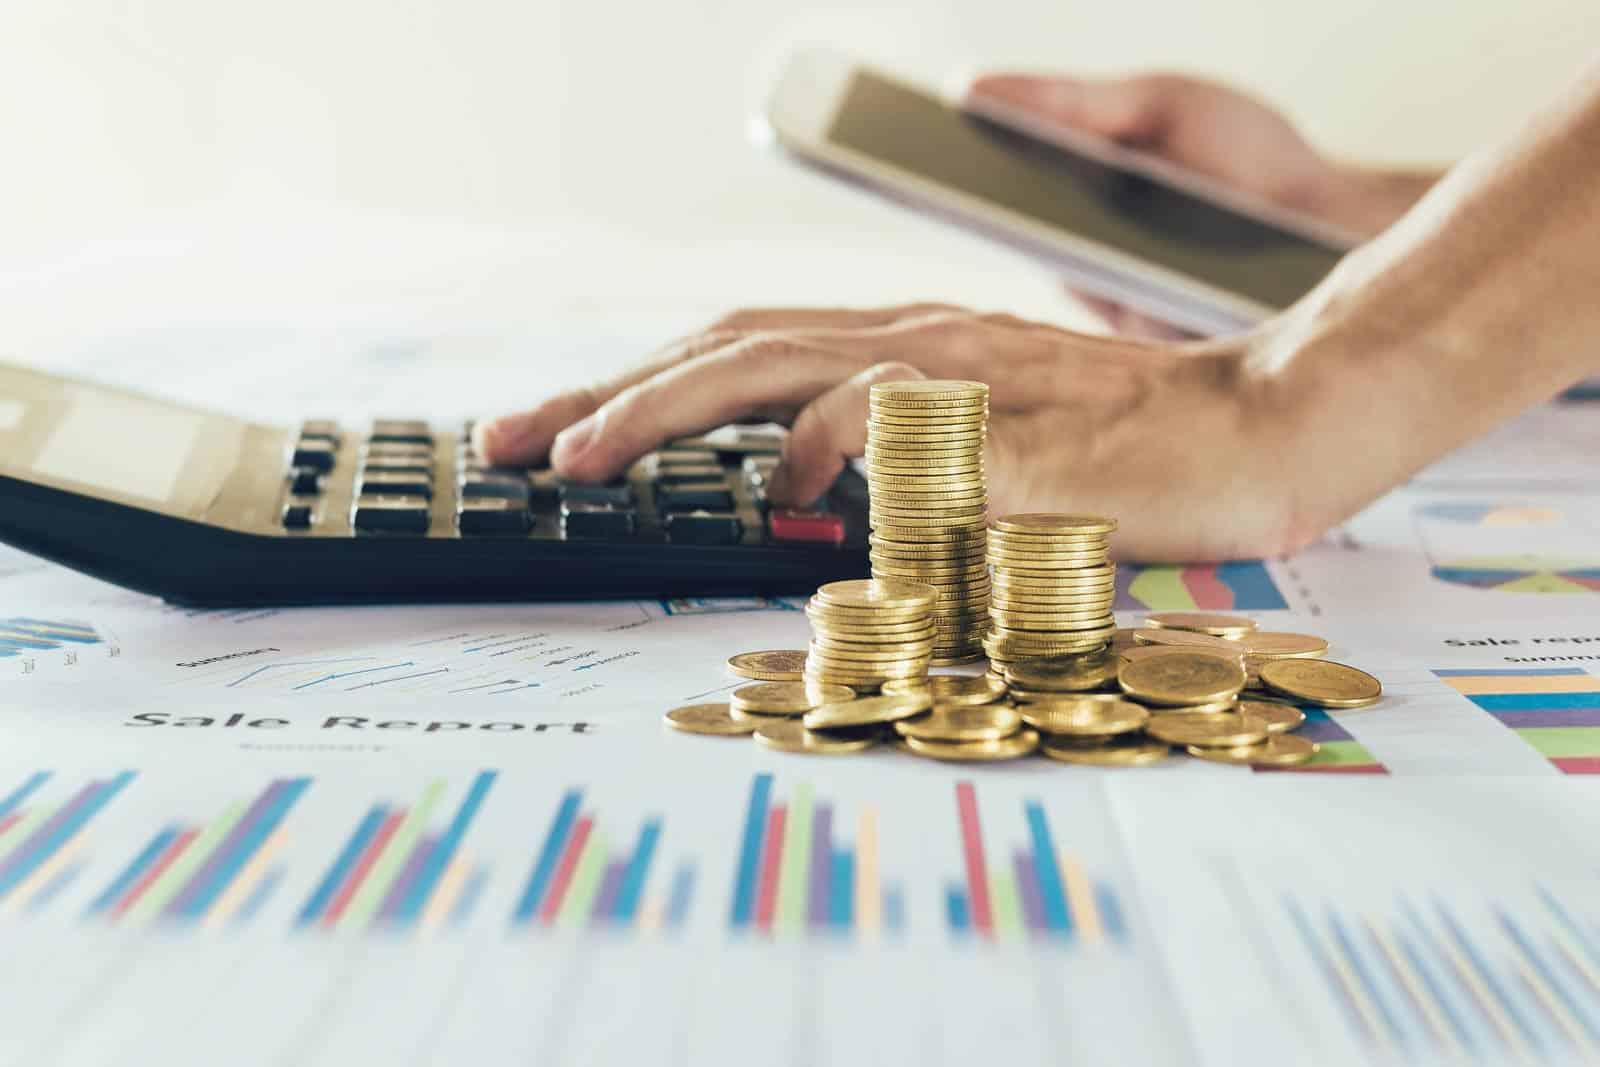 Posudba novca hitno